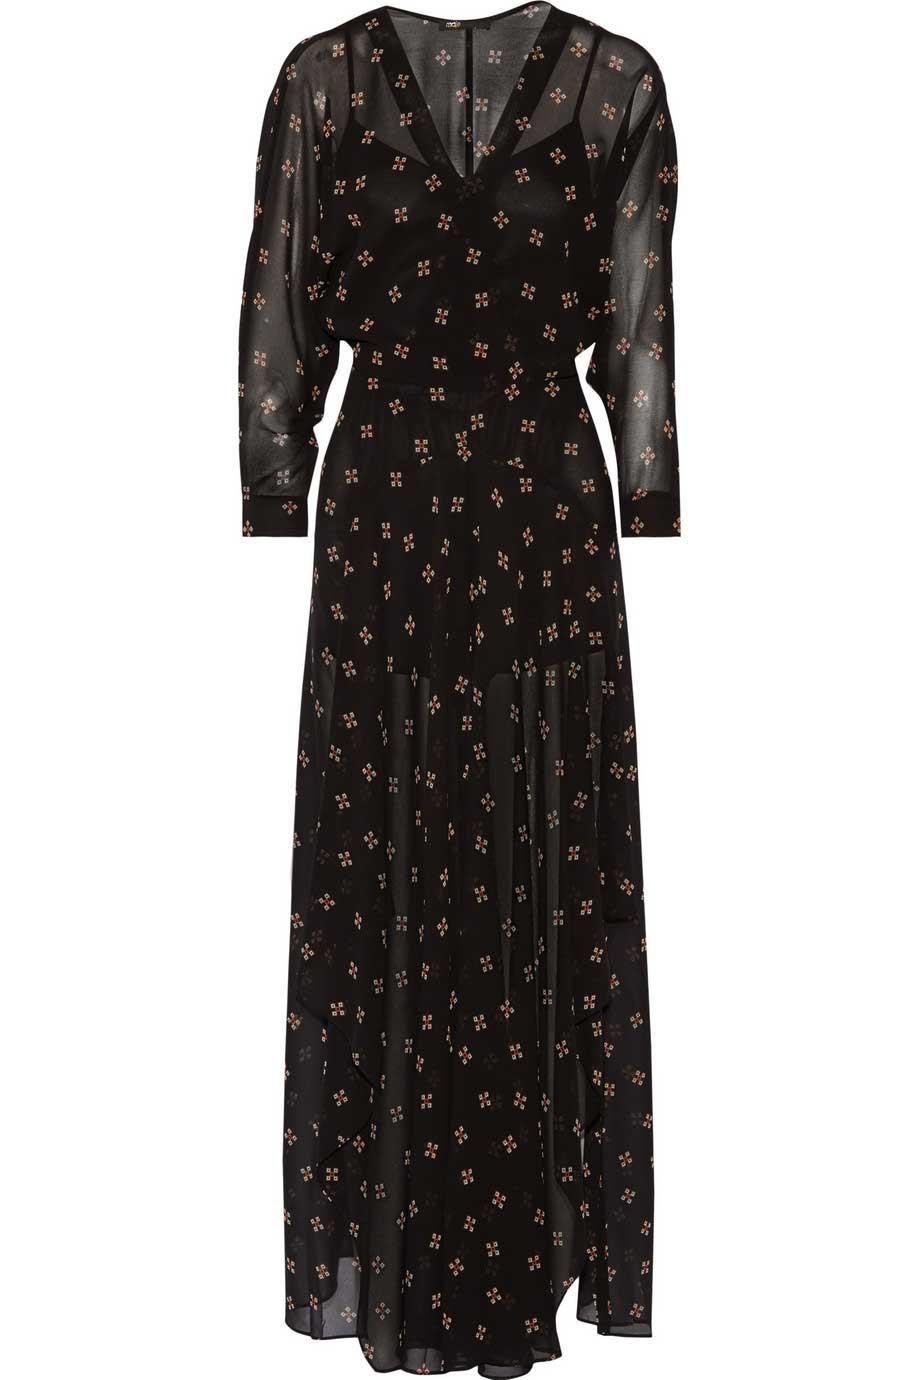 maje-dress1